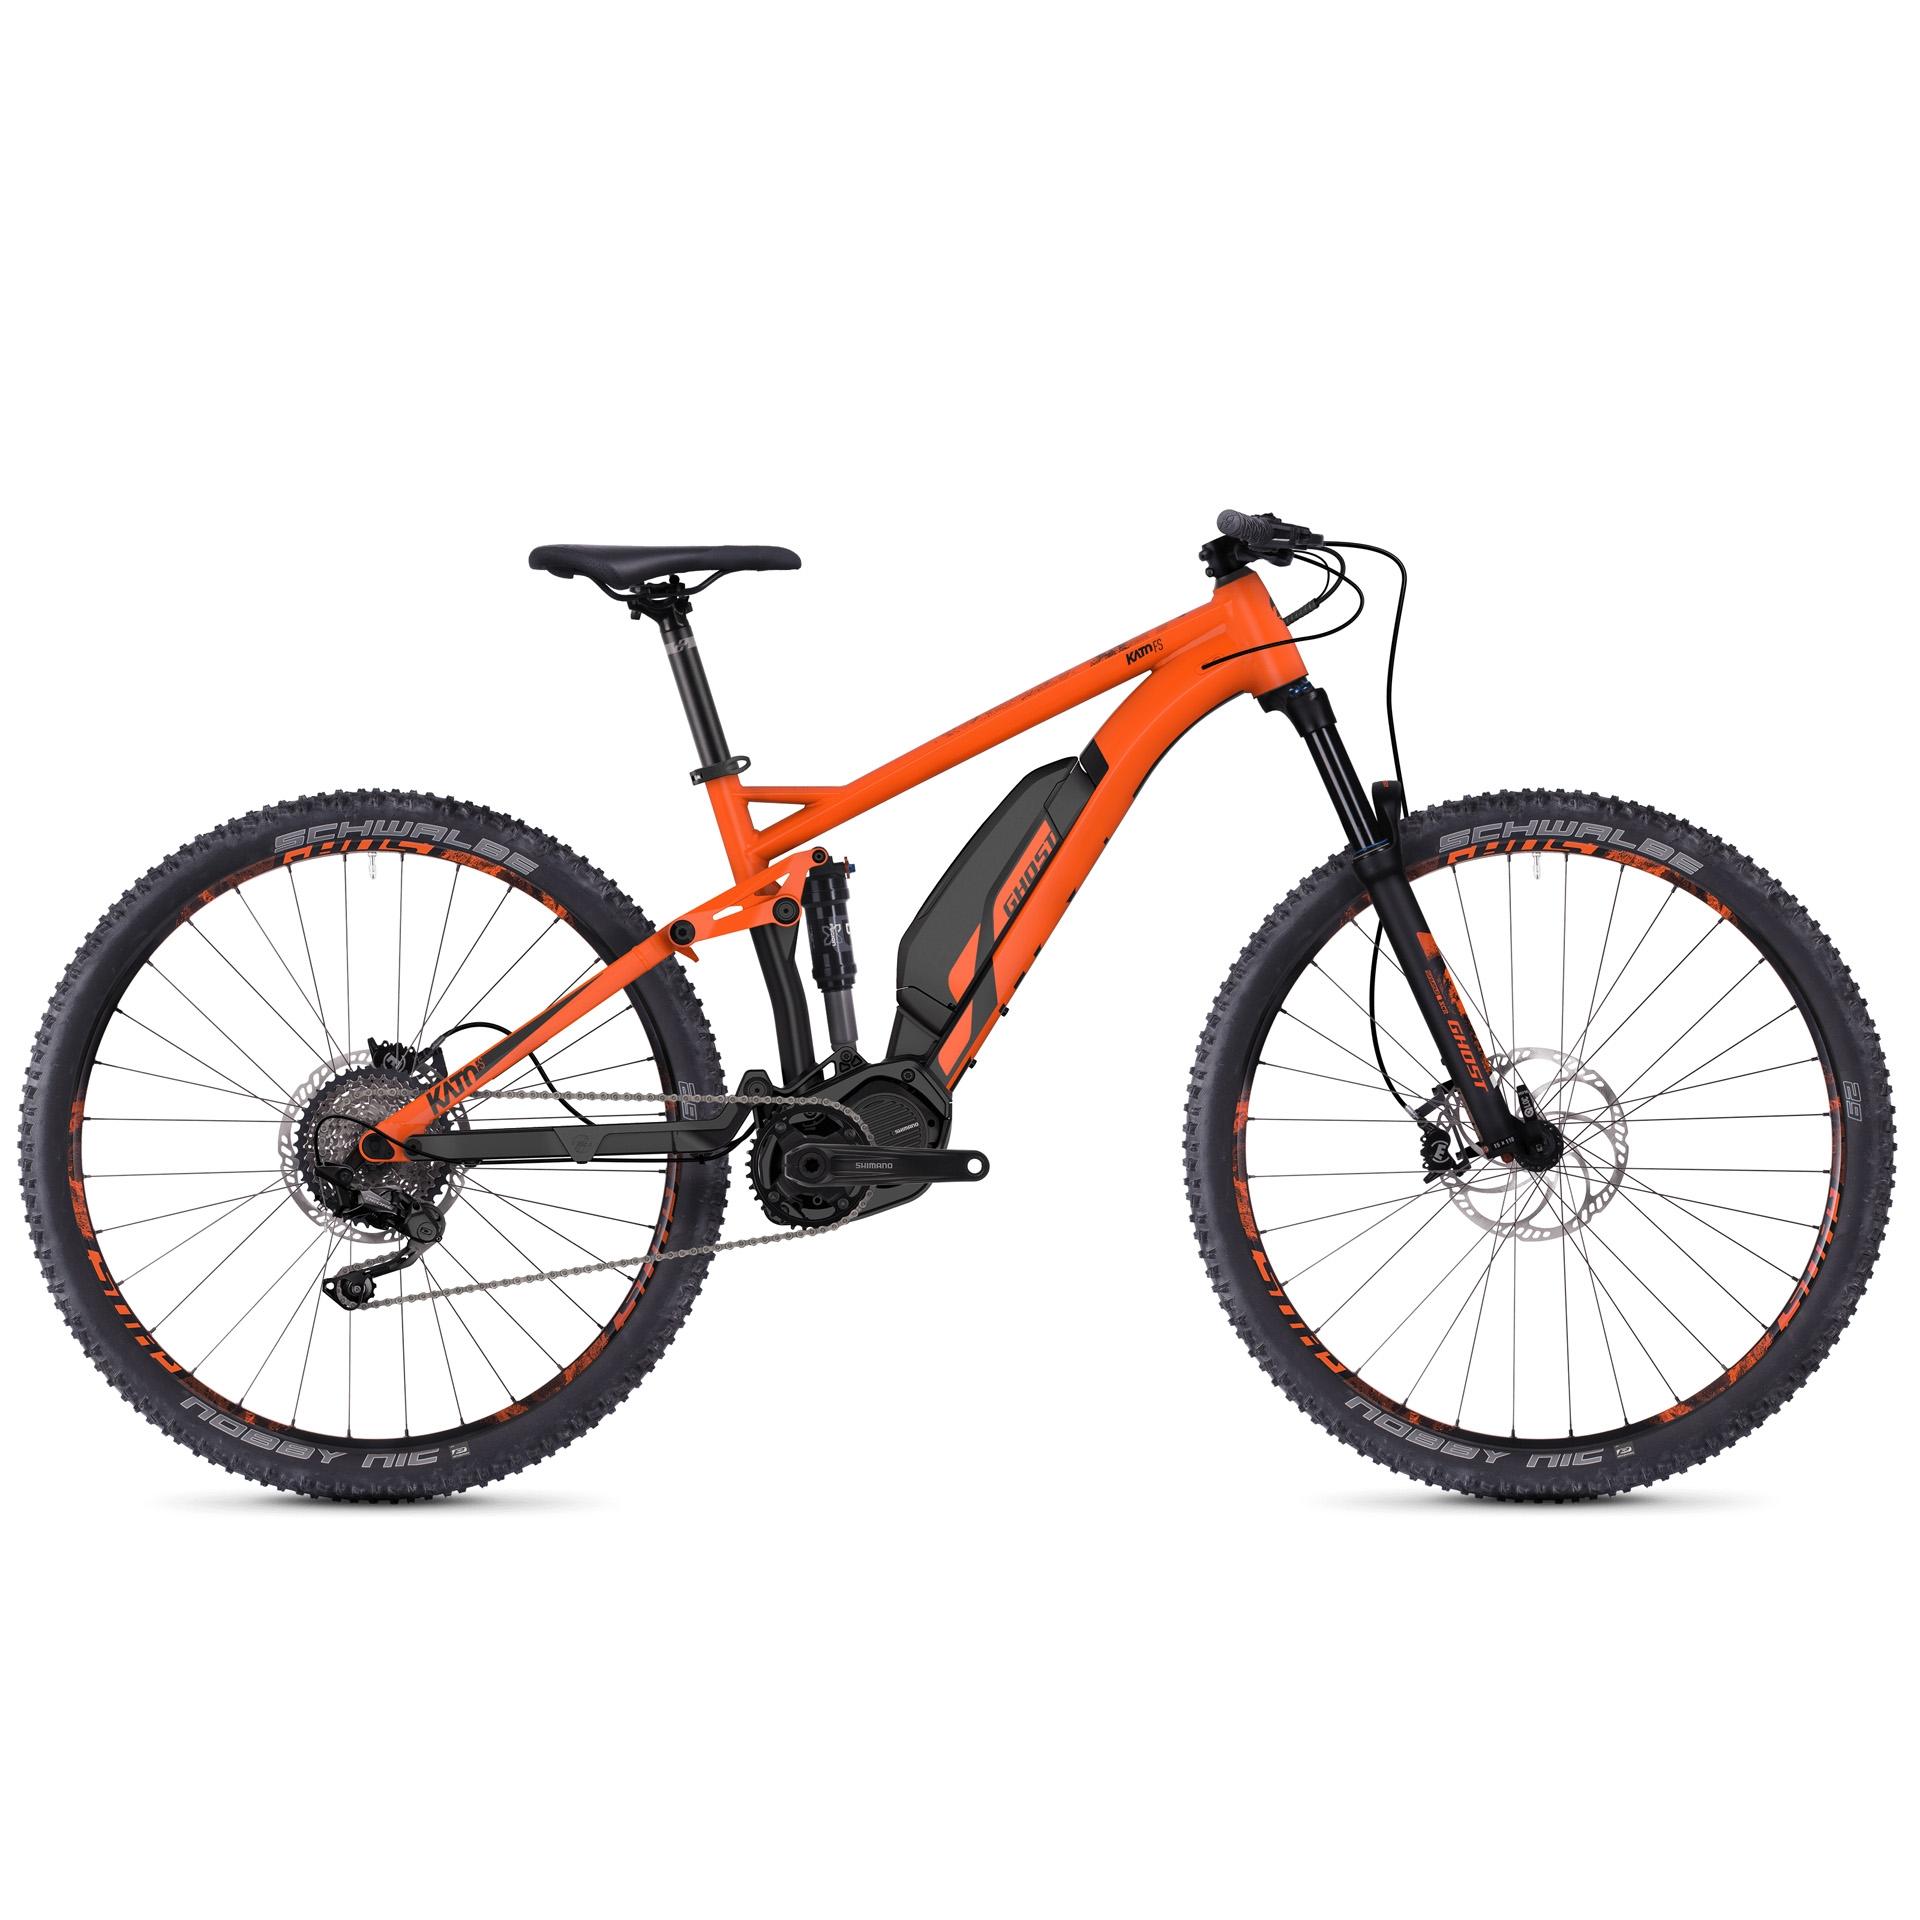 VTT électrique Ghost Kato FS S3.9 AL Orange/Noir - L